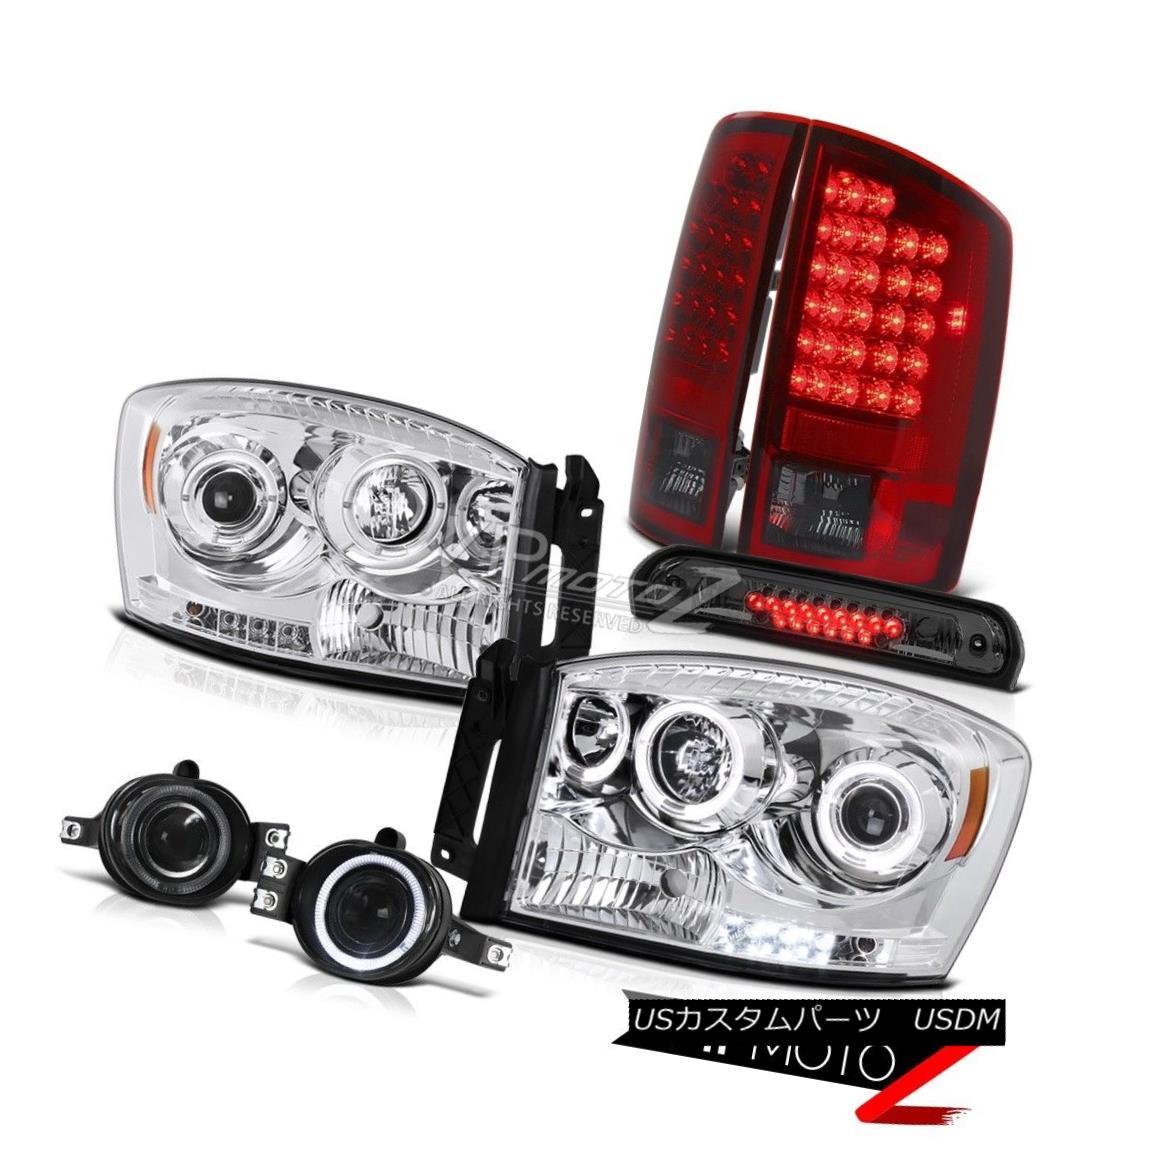 ヘッドライト 2007 2008 Ram ST LED Angel Eye Headlights Red Smoke Tail Lights Fog Roof Brake 2007年ラムST LEDエンジェルアイヘッドライトレッド煙テールライトフォグルーフブレーキ